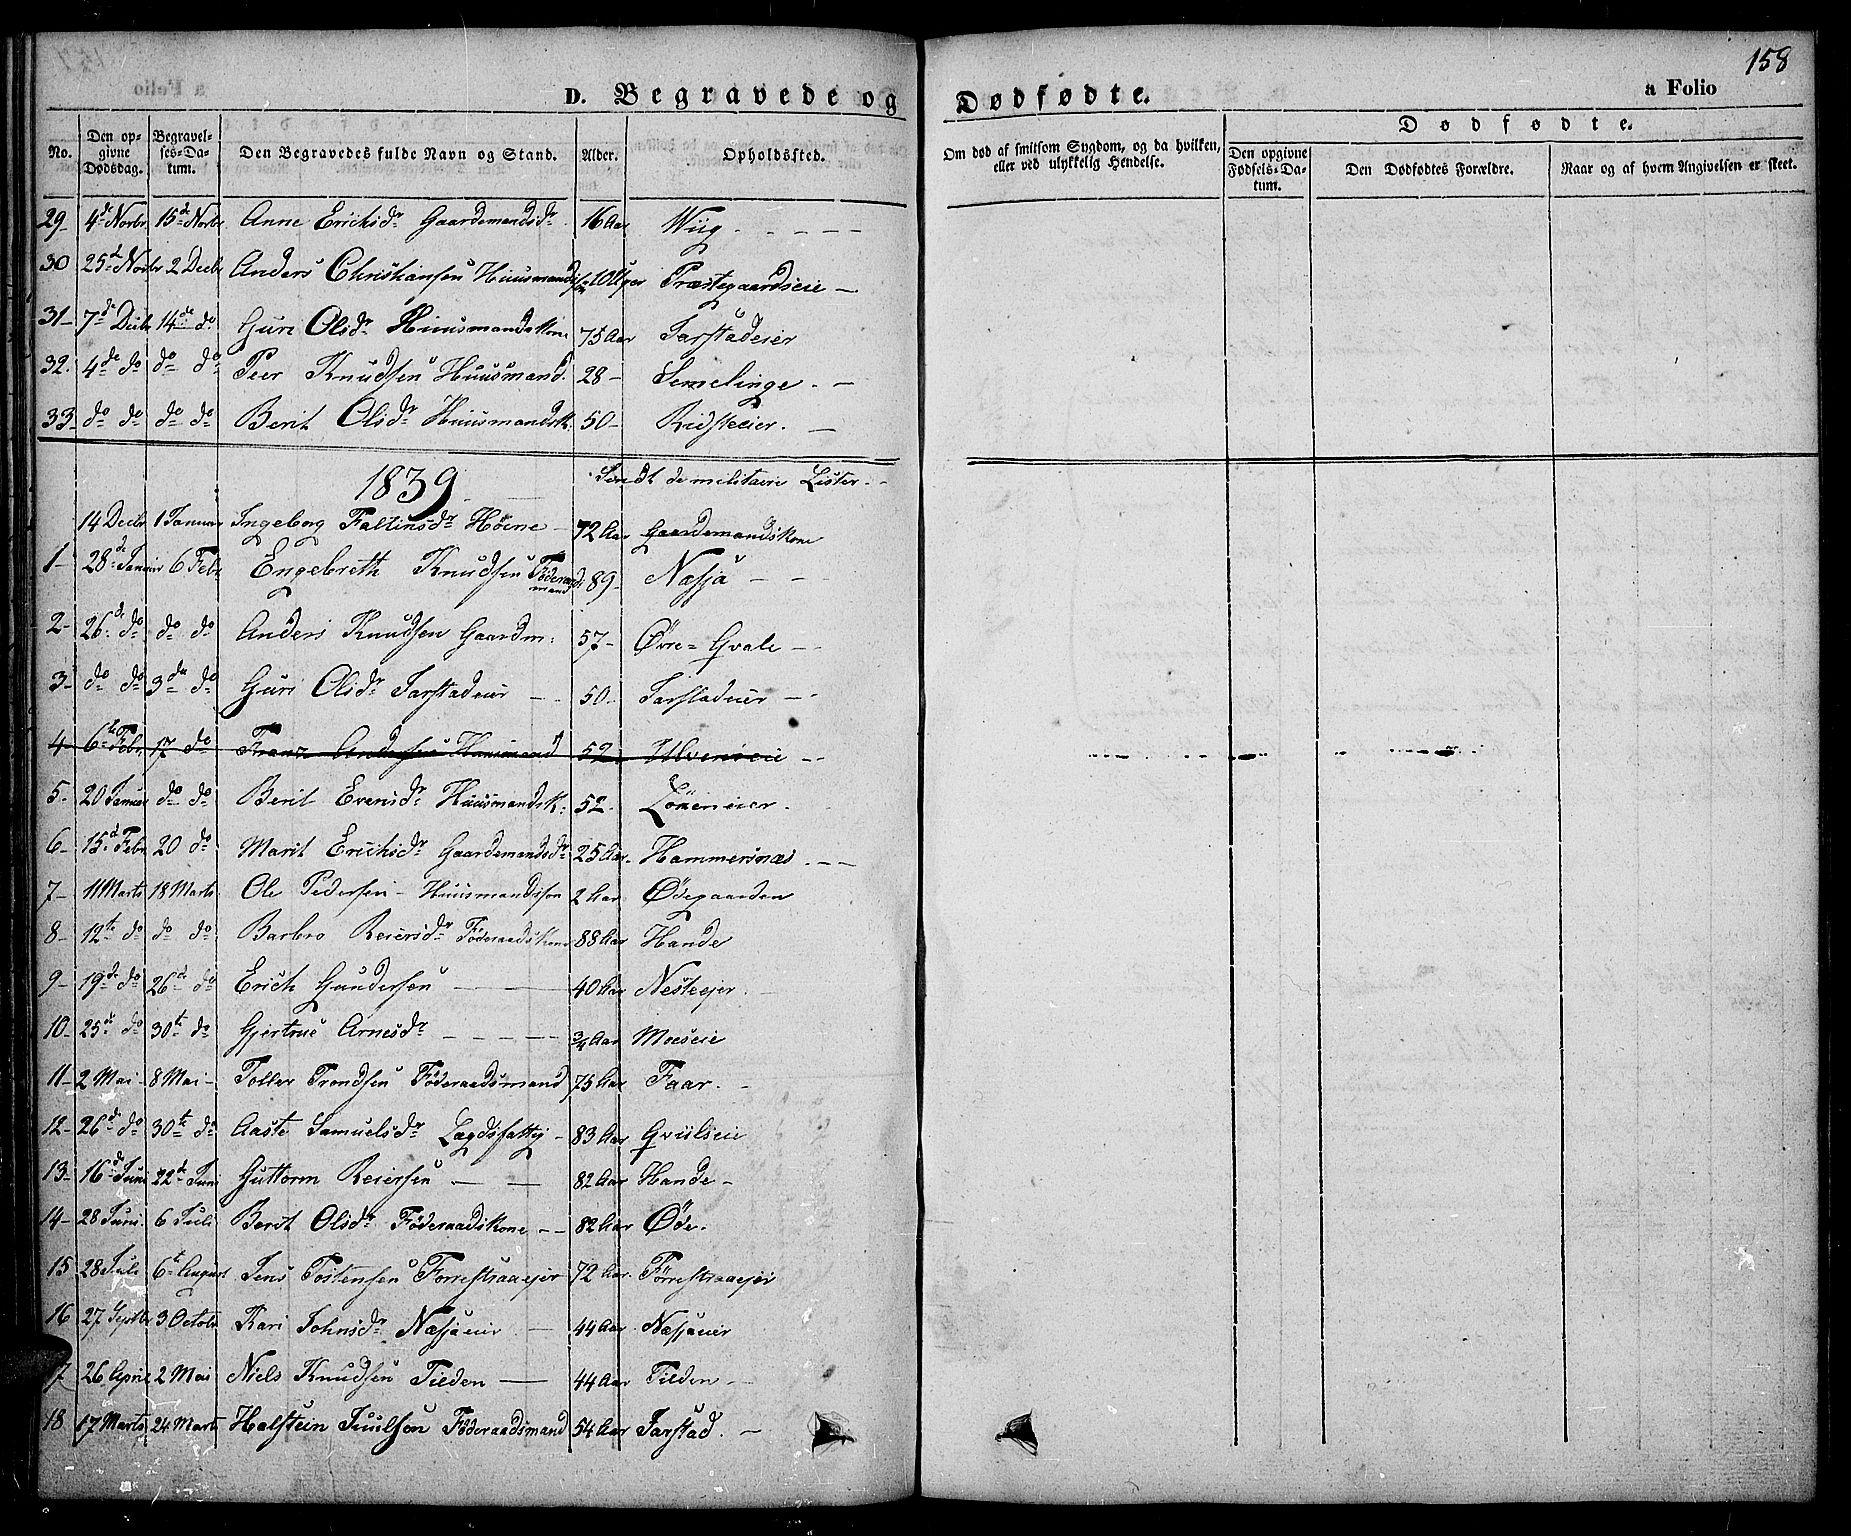 SAH, Slidre prestekontor, Ministerialbok nr. 3, 1831-1843, s. 158